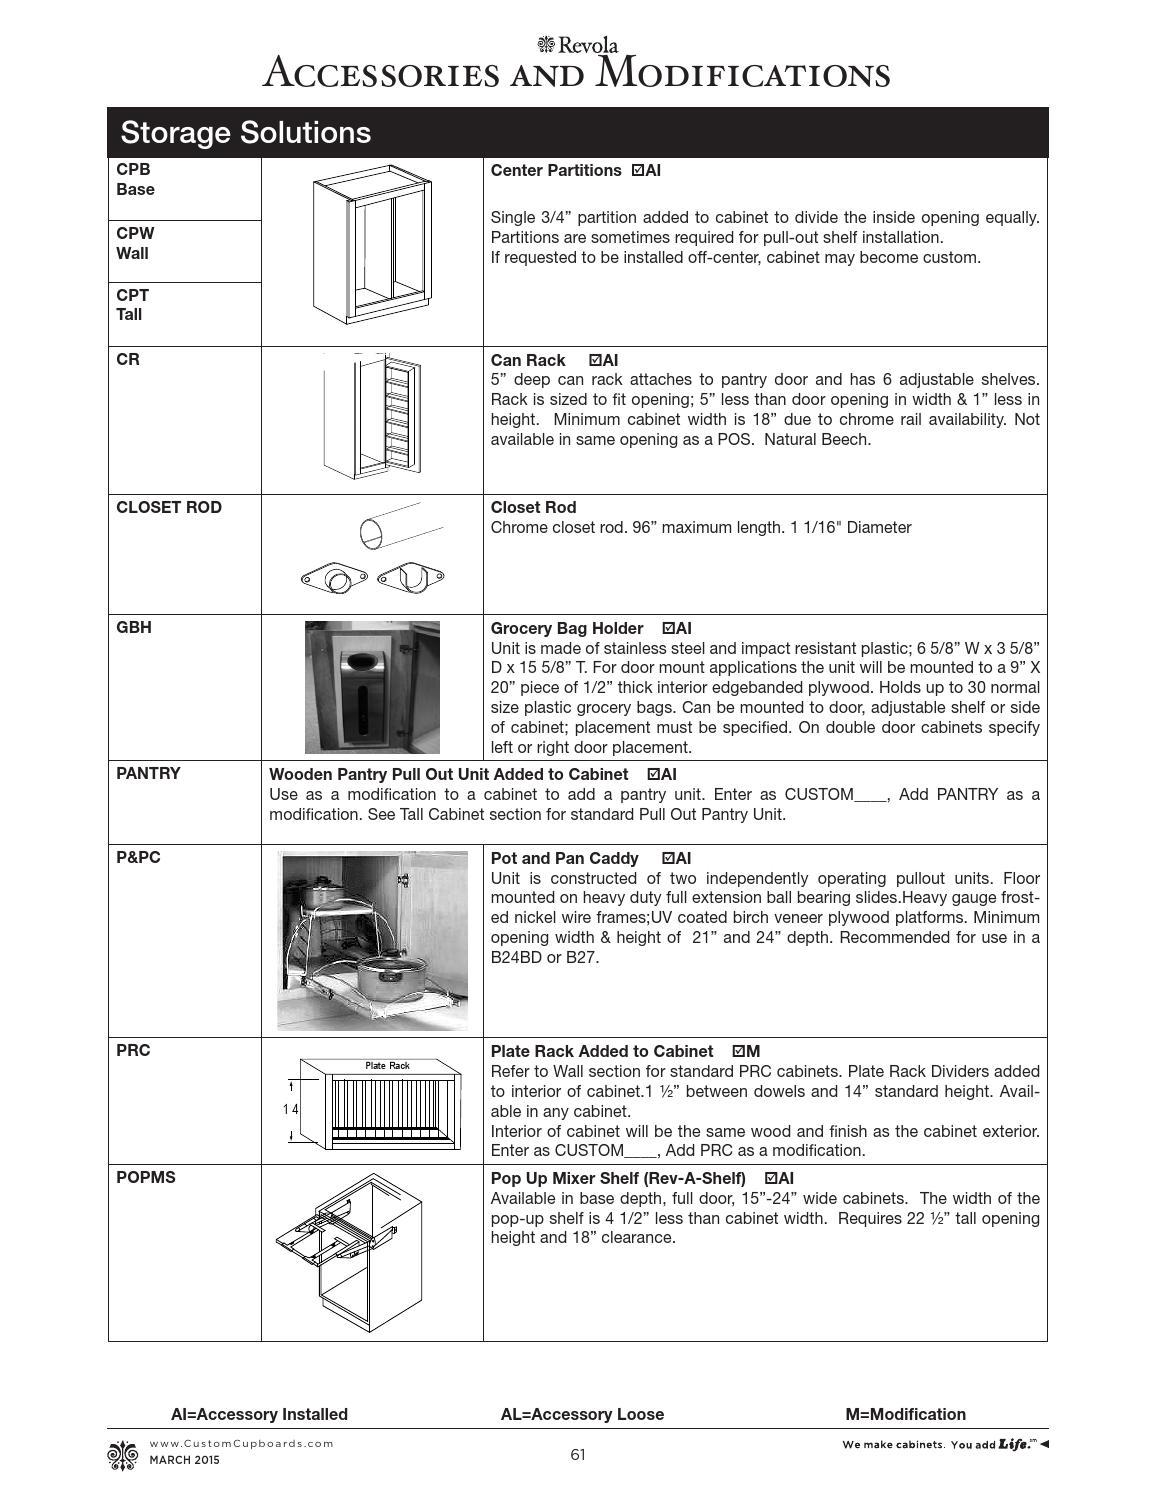 Cci Revola Catalog By Custom Cupboards Issuu